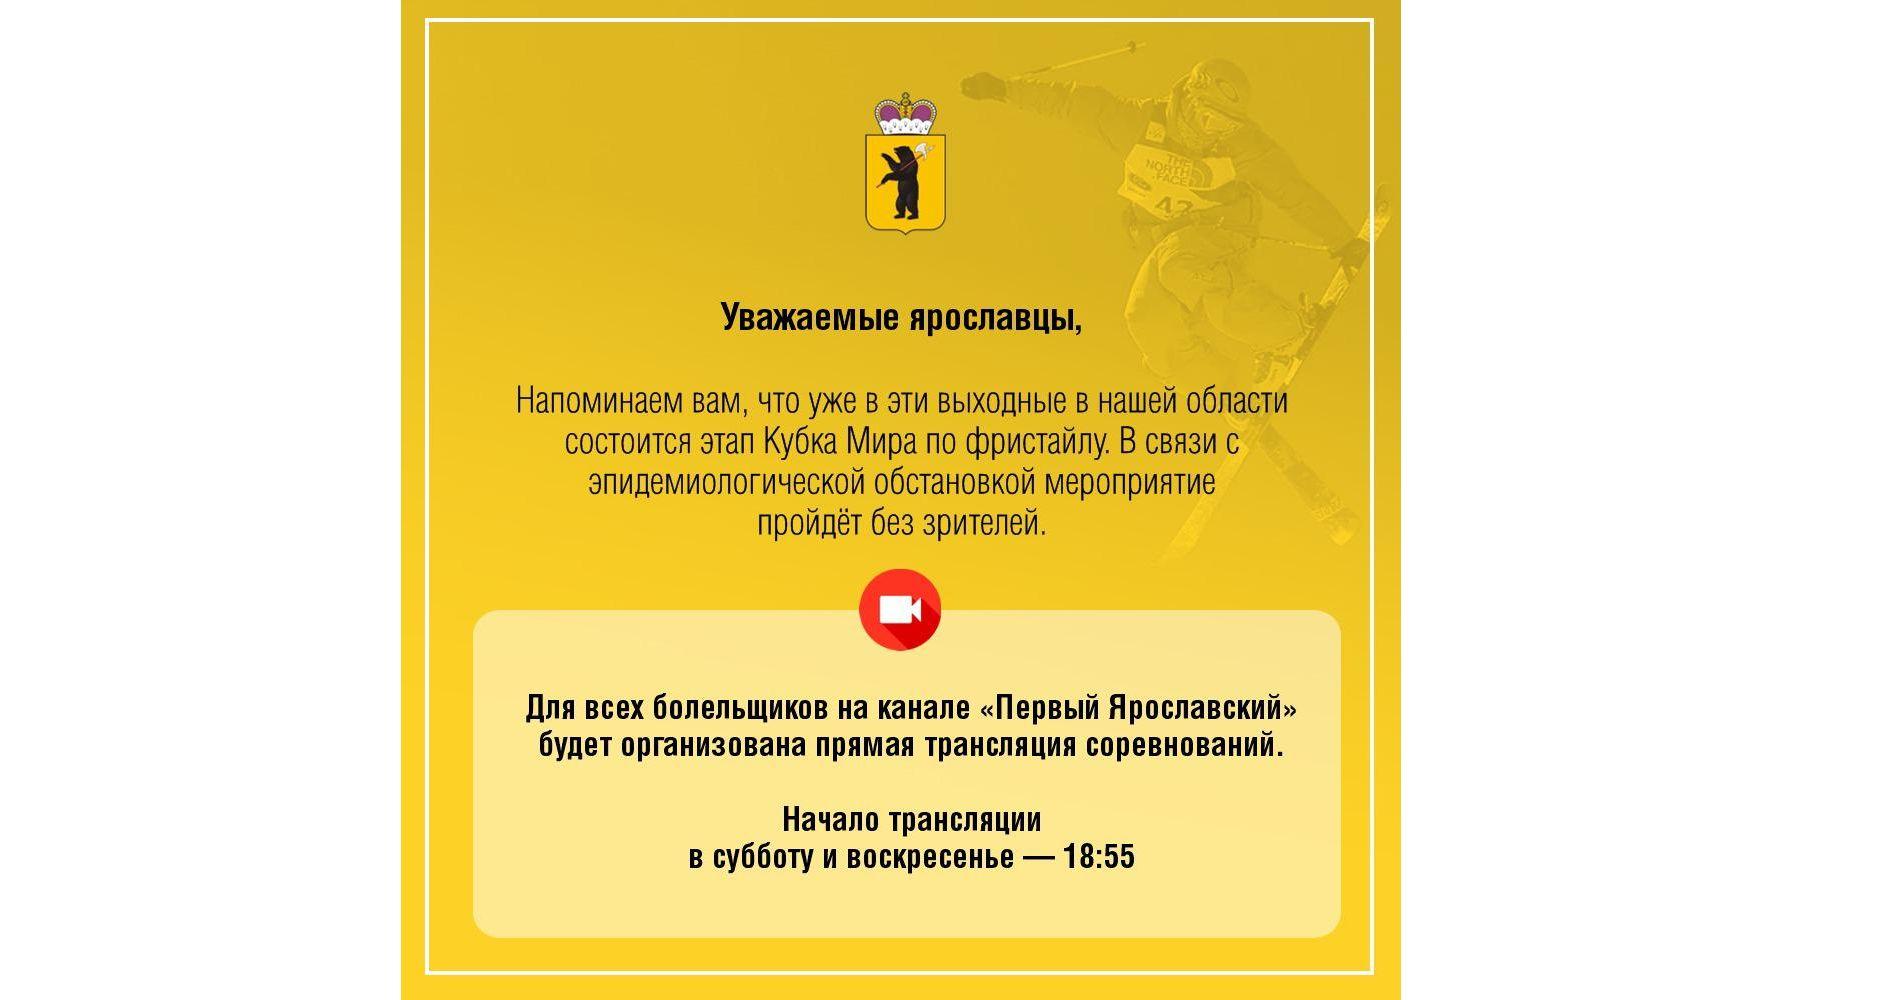 Ярославцы смогут увидеть прямую трансляцию Кубка Мира по фристайлу из дома